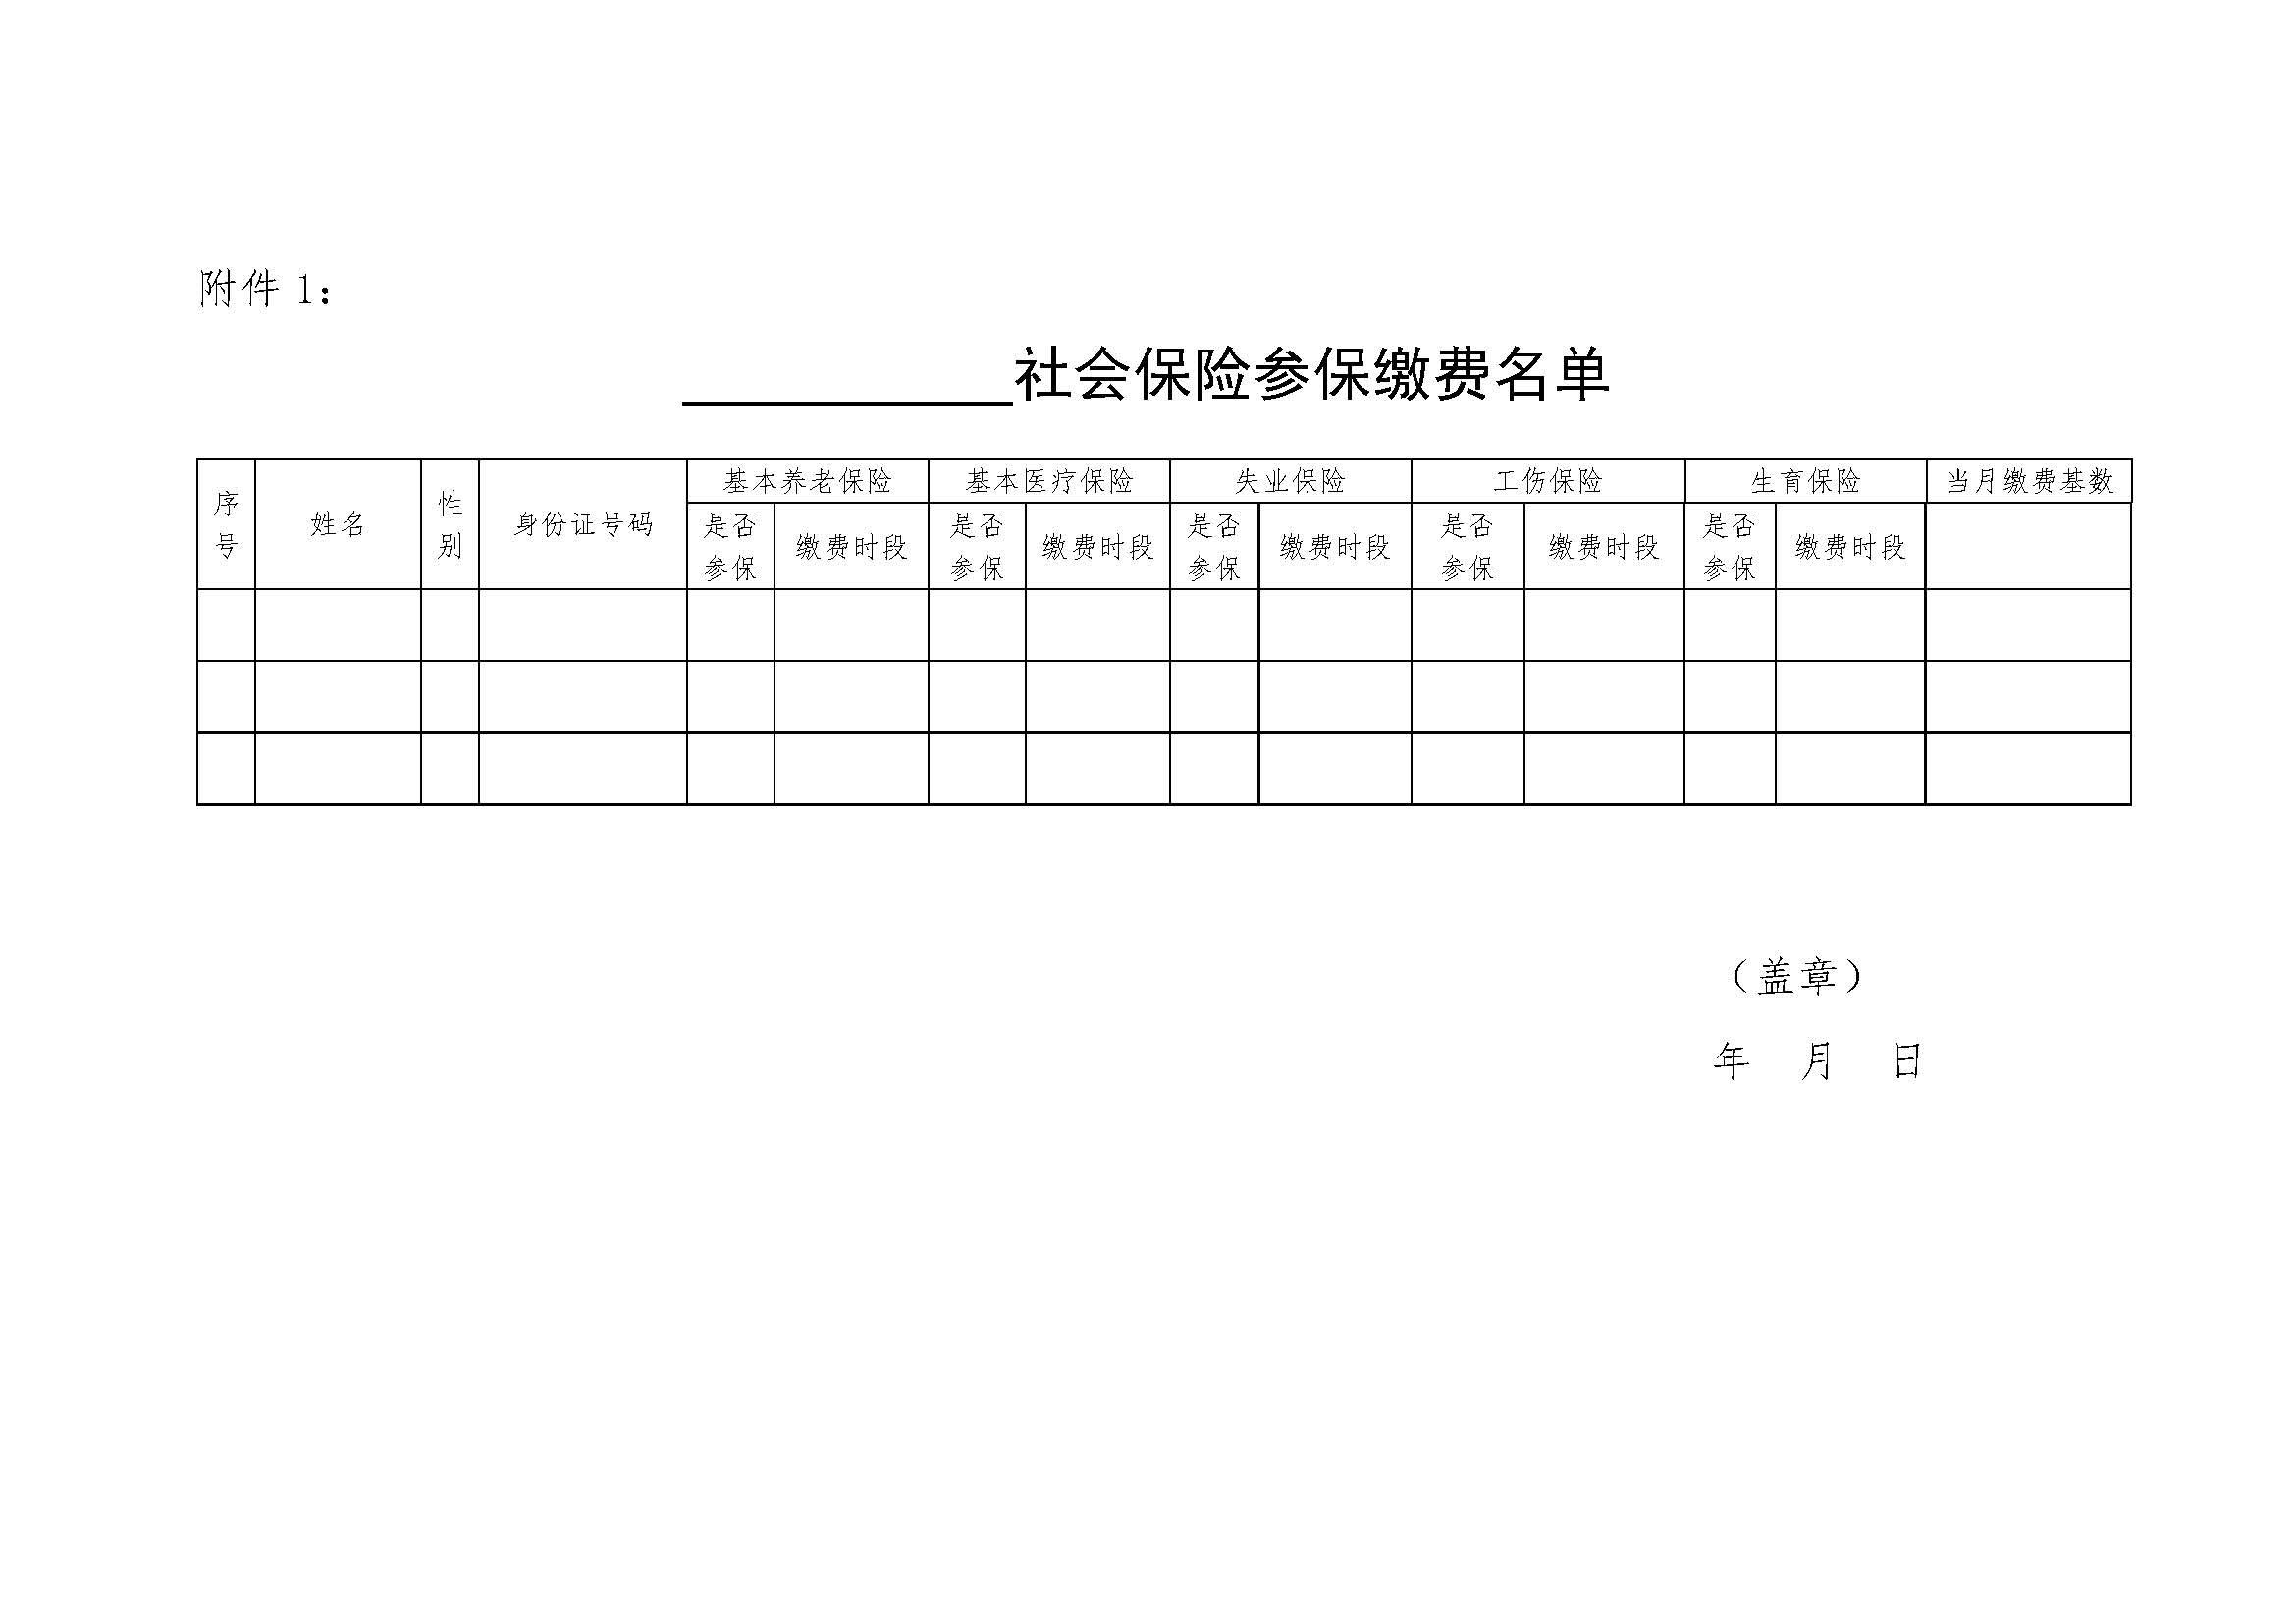 潍坊市残保金申报审核资料社会保险参保缴费名单